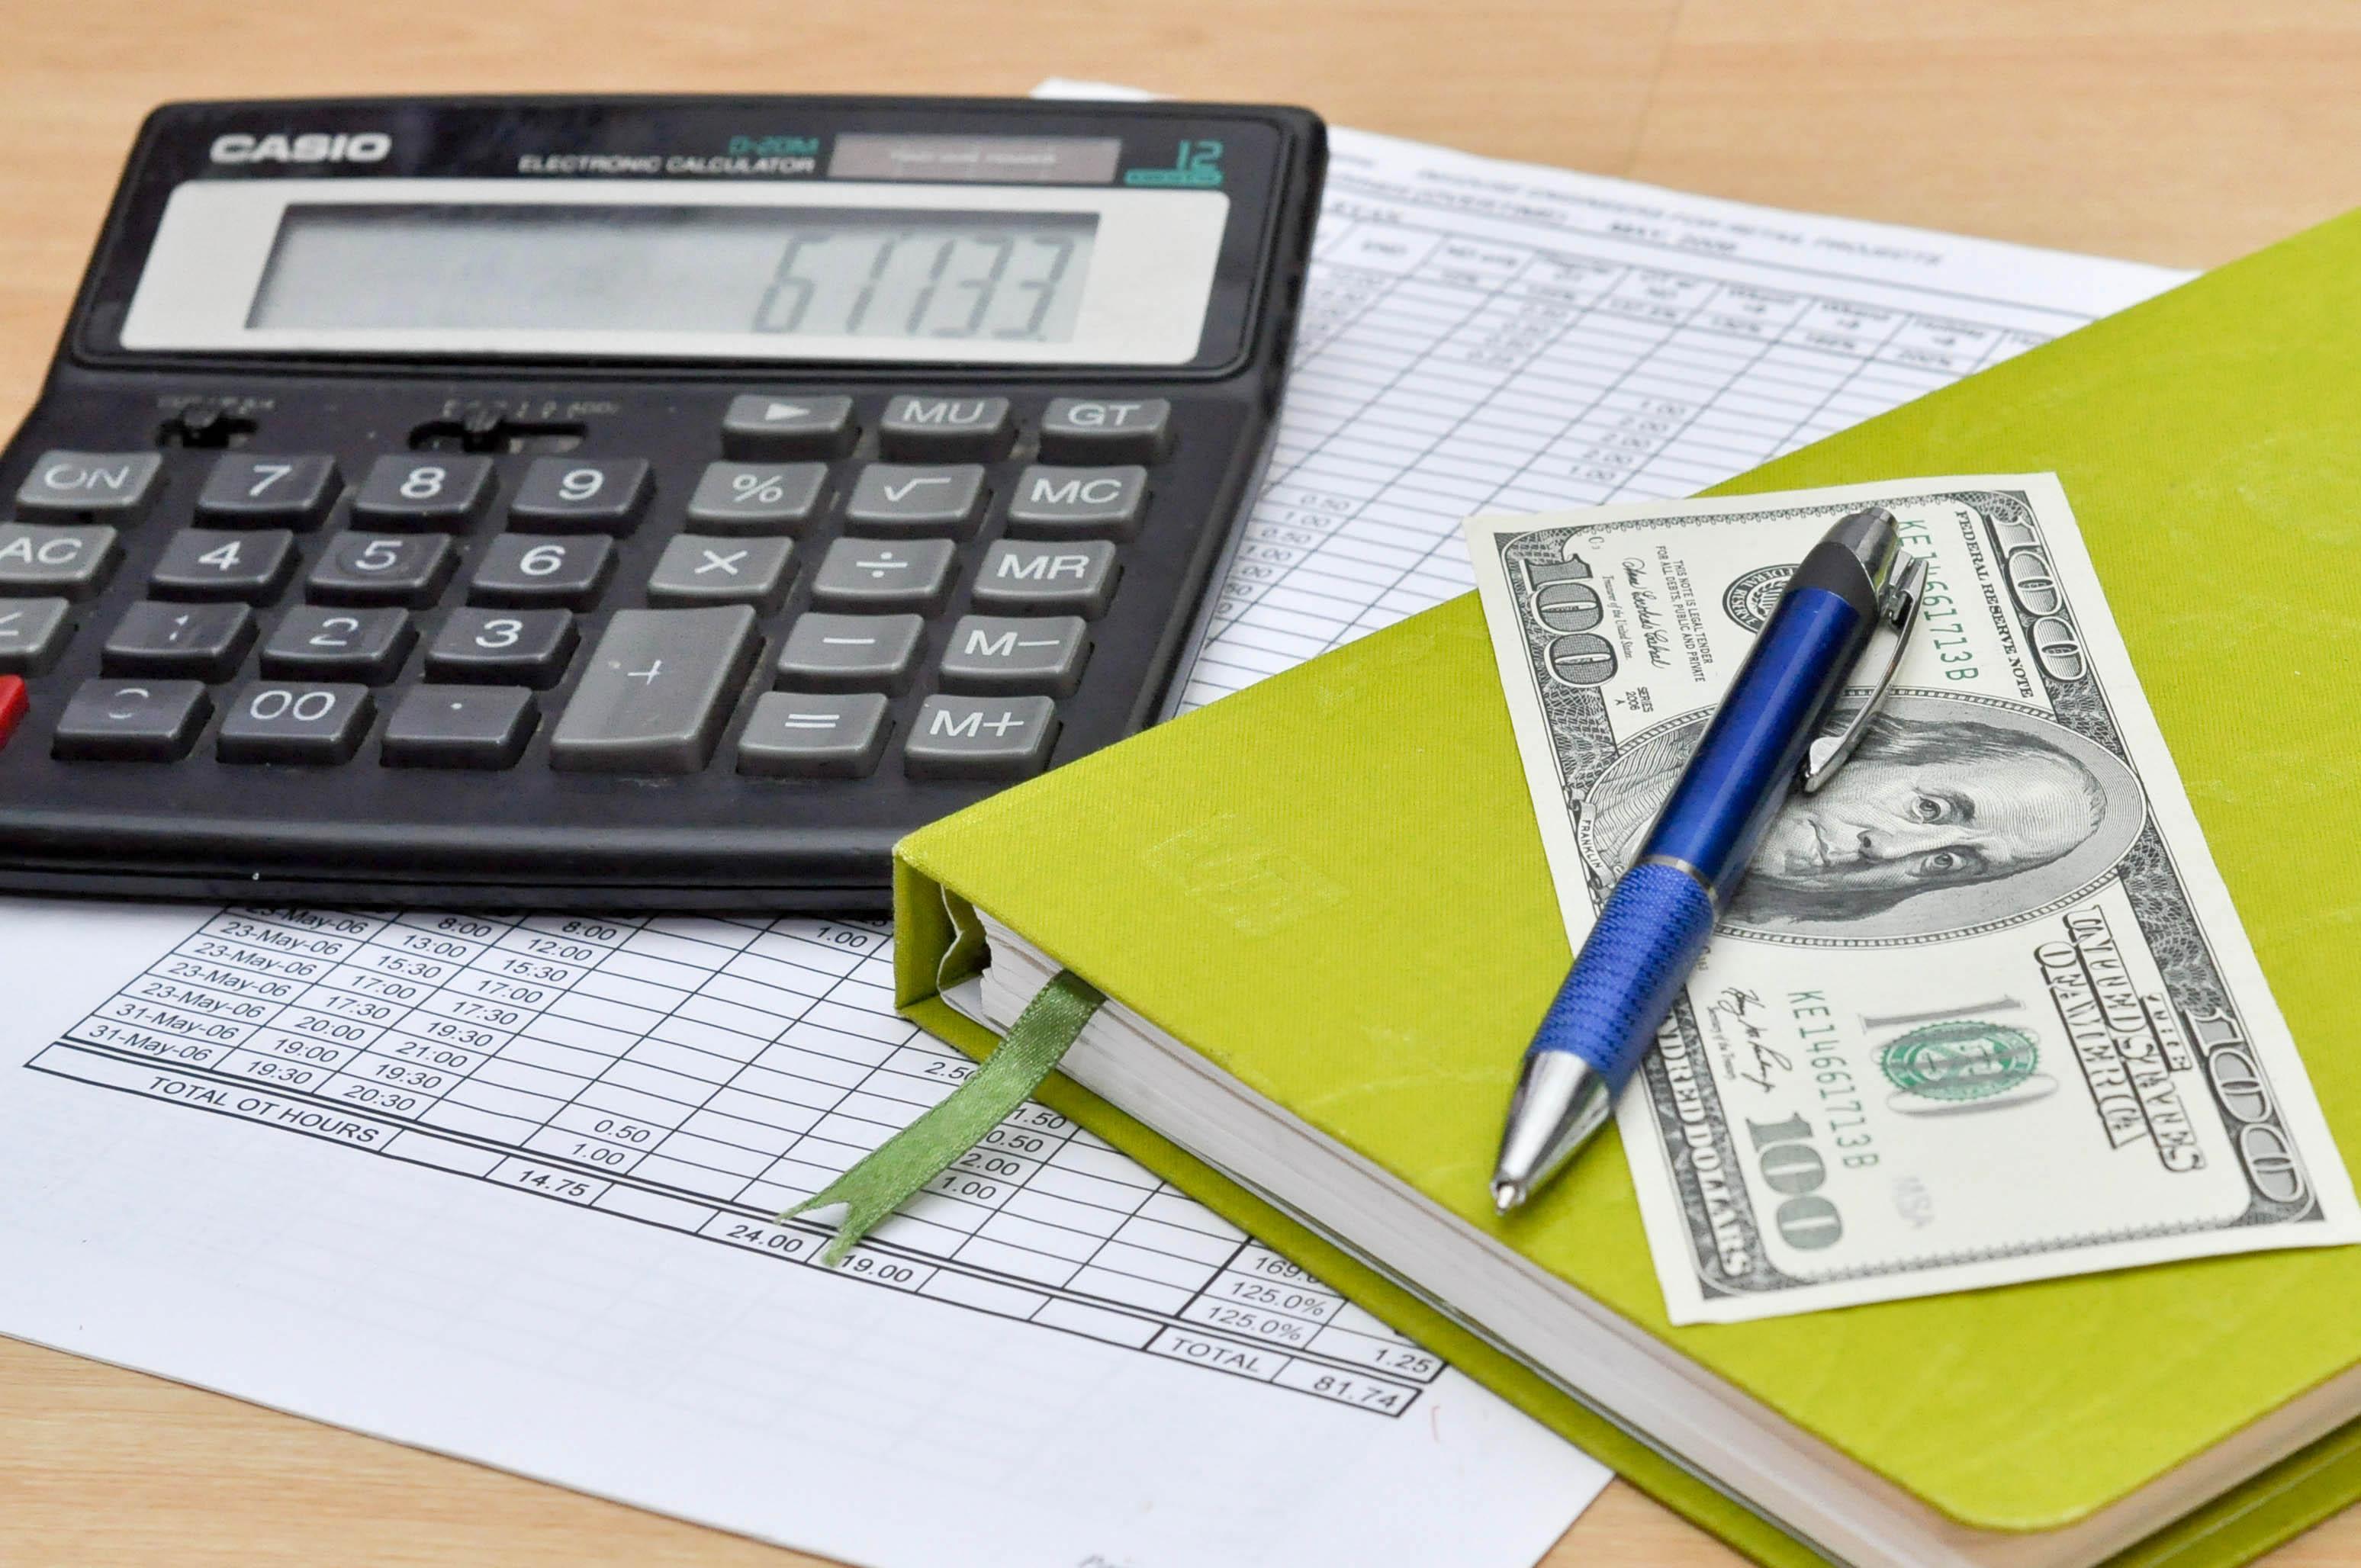 برای کاهش کسری بودجه؛امارات ۱۰ میلیارد دلار اوراق قرضه عرضه کرد/رکورد منطقه شکسته شد